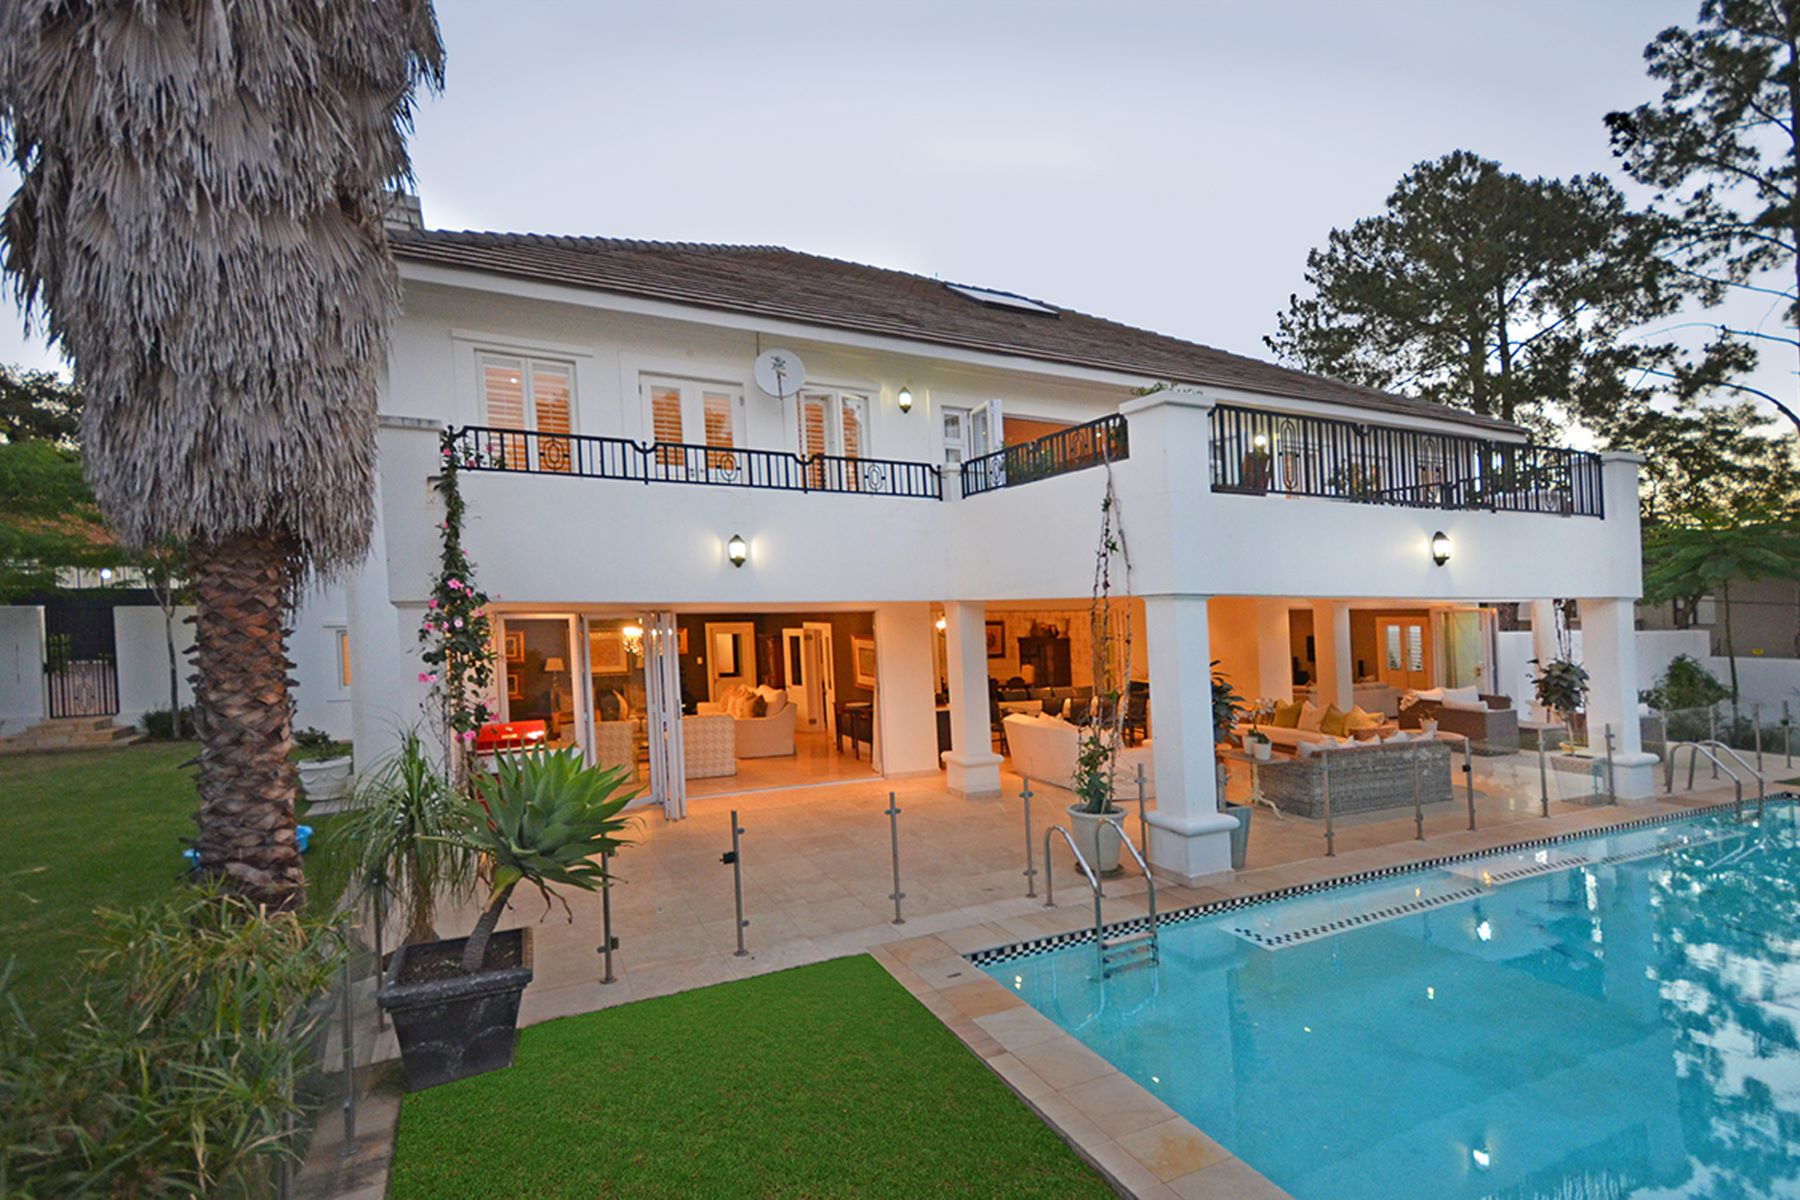 단독 가정 주택 용 매매 에 Bryanston Johannesburg, 가우텡, 남아프리카